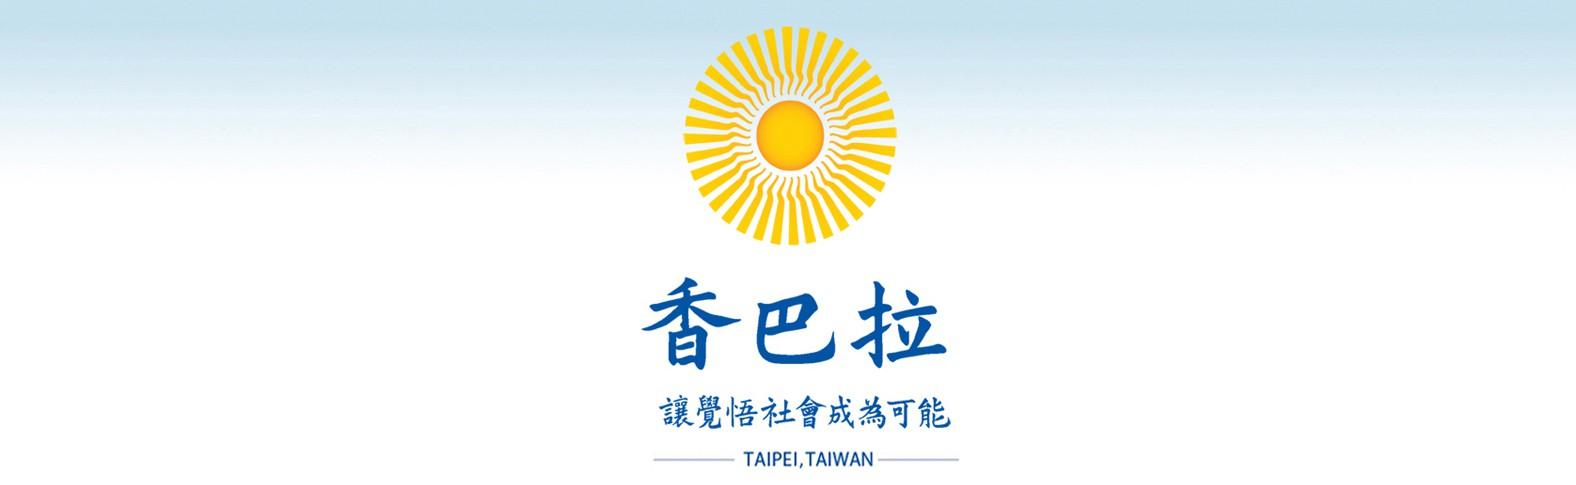 香巴拉中文官方網站